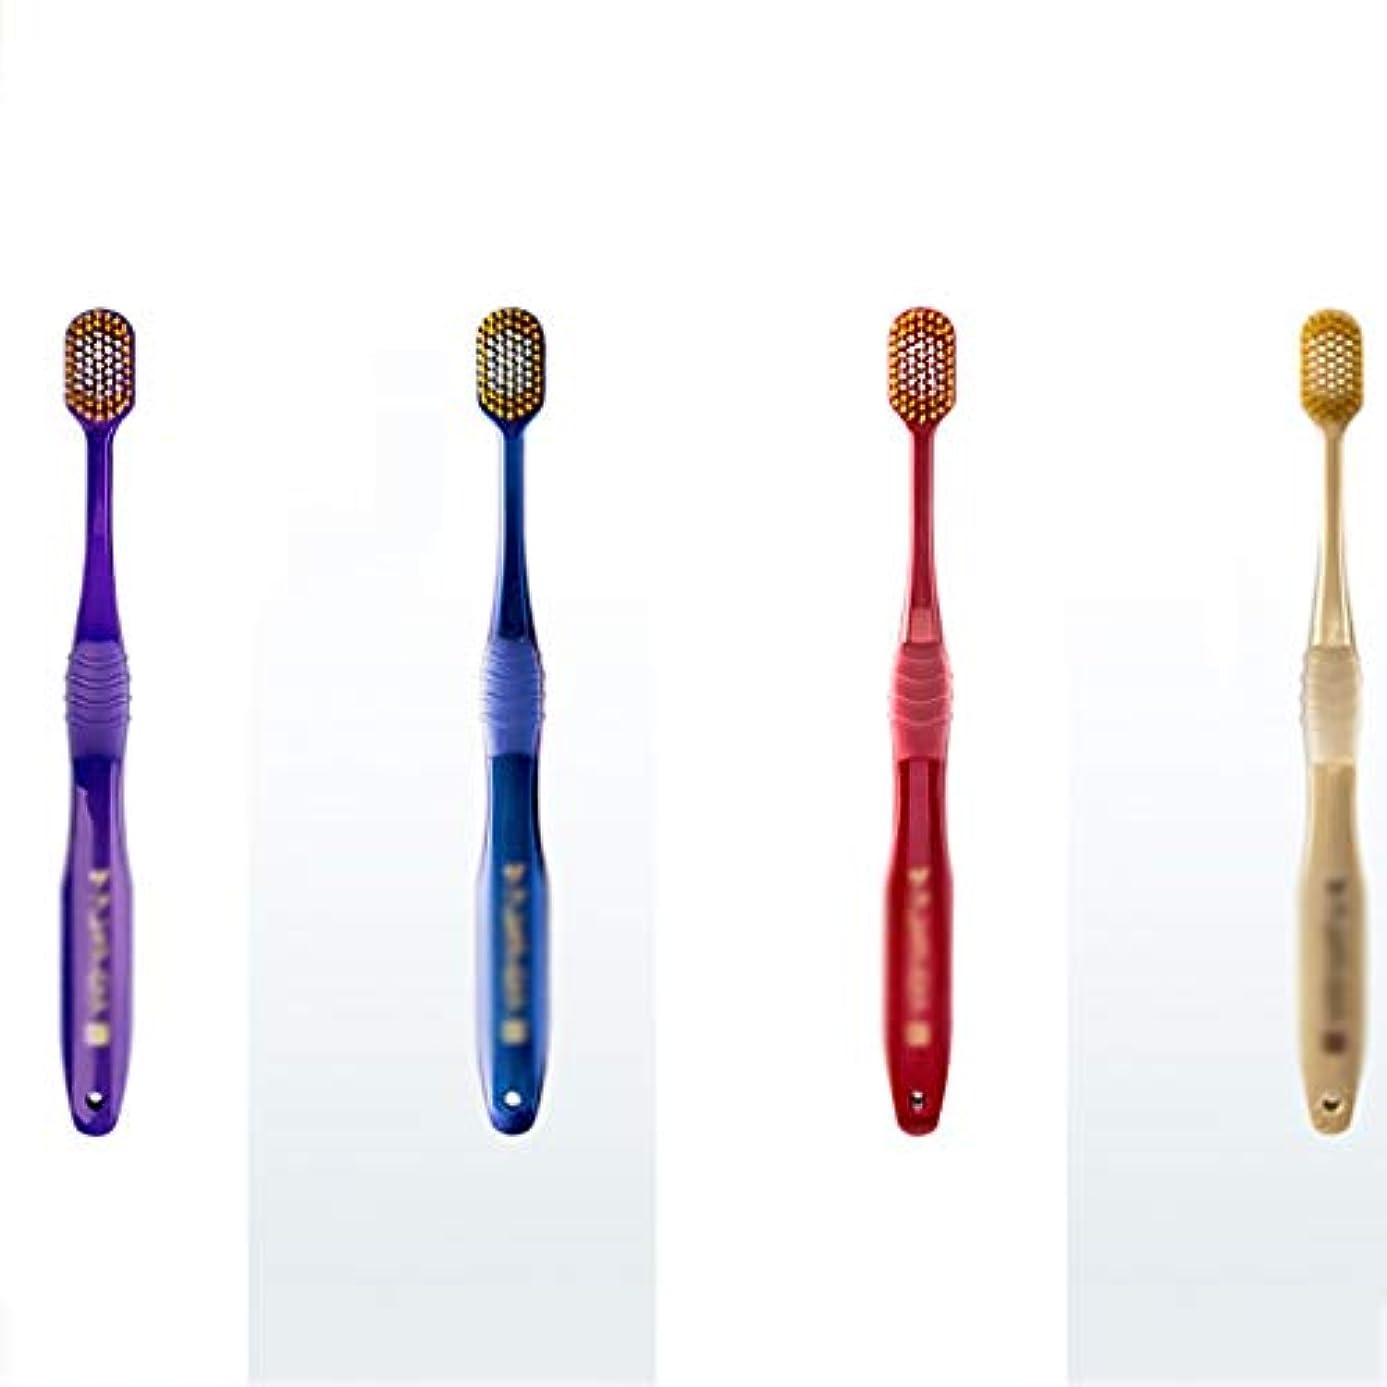 リーン音楽家強調手動歯ブラシ、65ホールの広向かったアダルトソフト毛先歯ブラシ、4パック(ランダム配信)